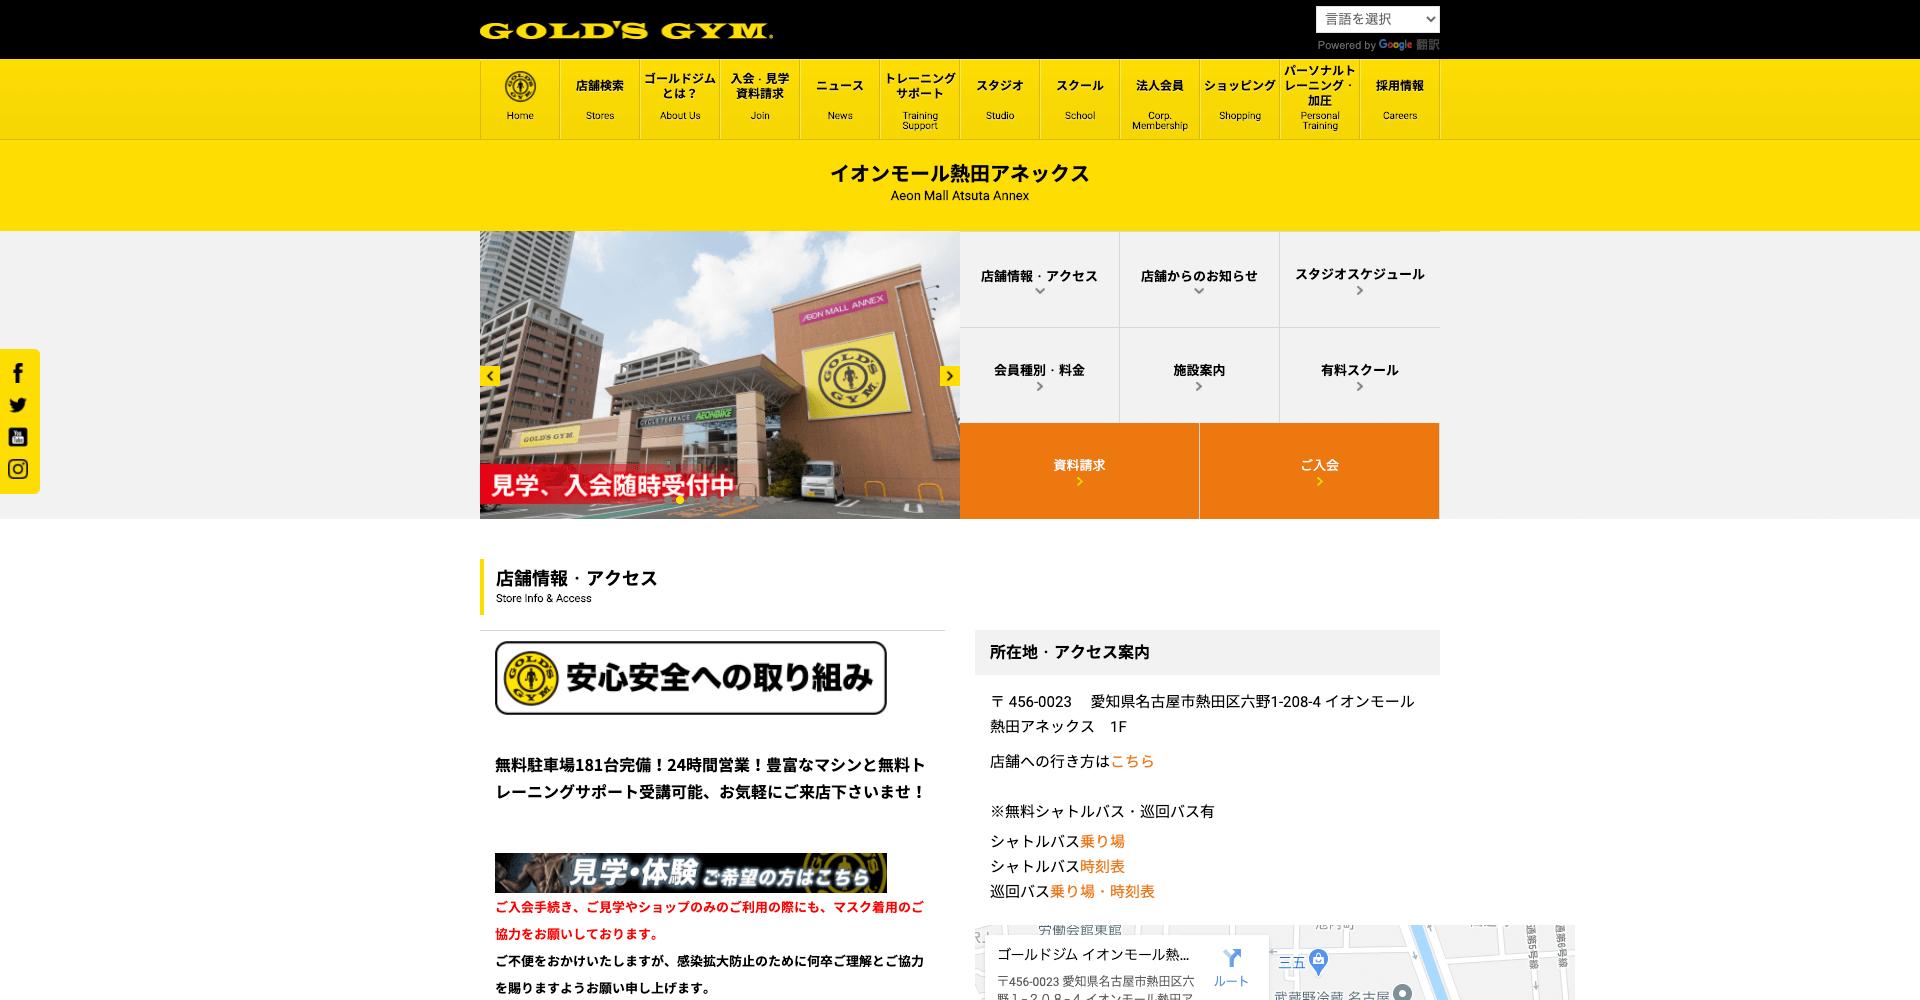 ゴールドジム 名古屋金山